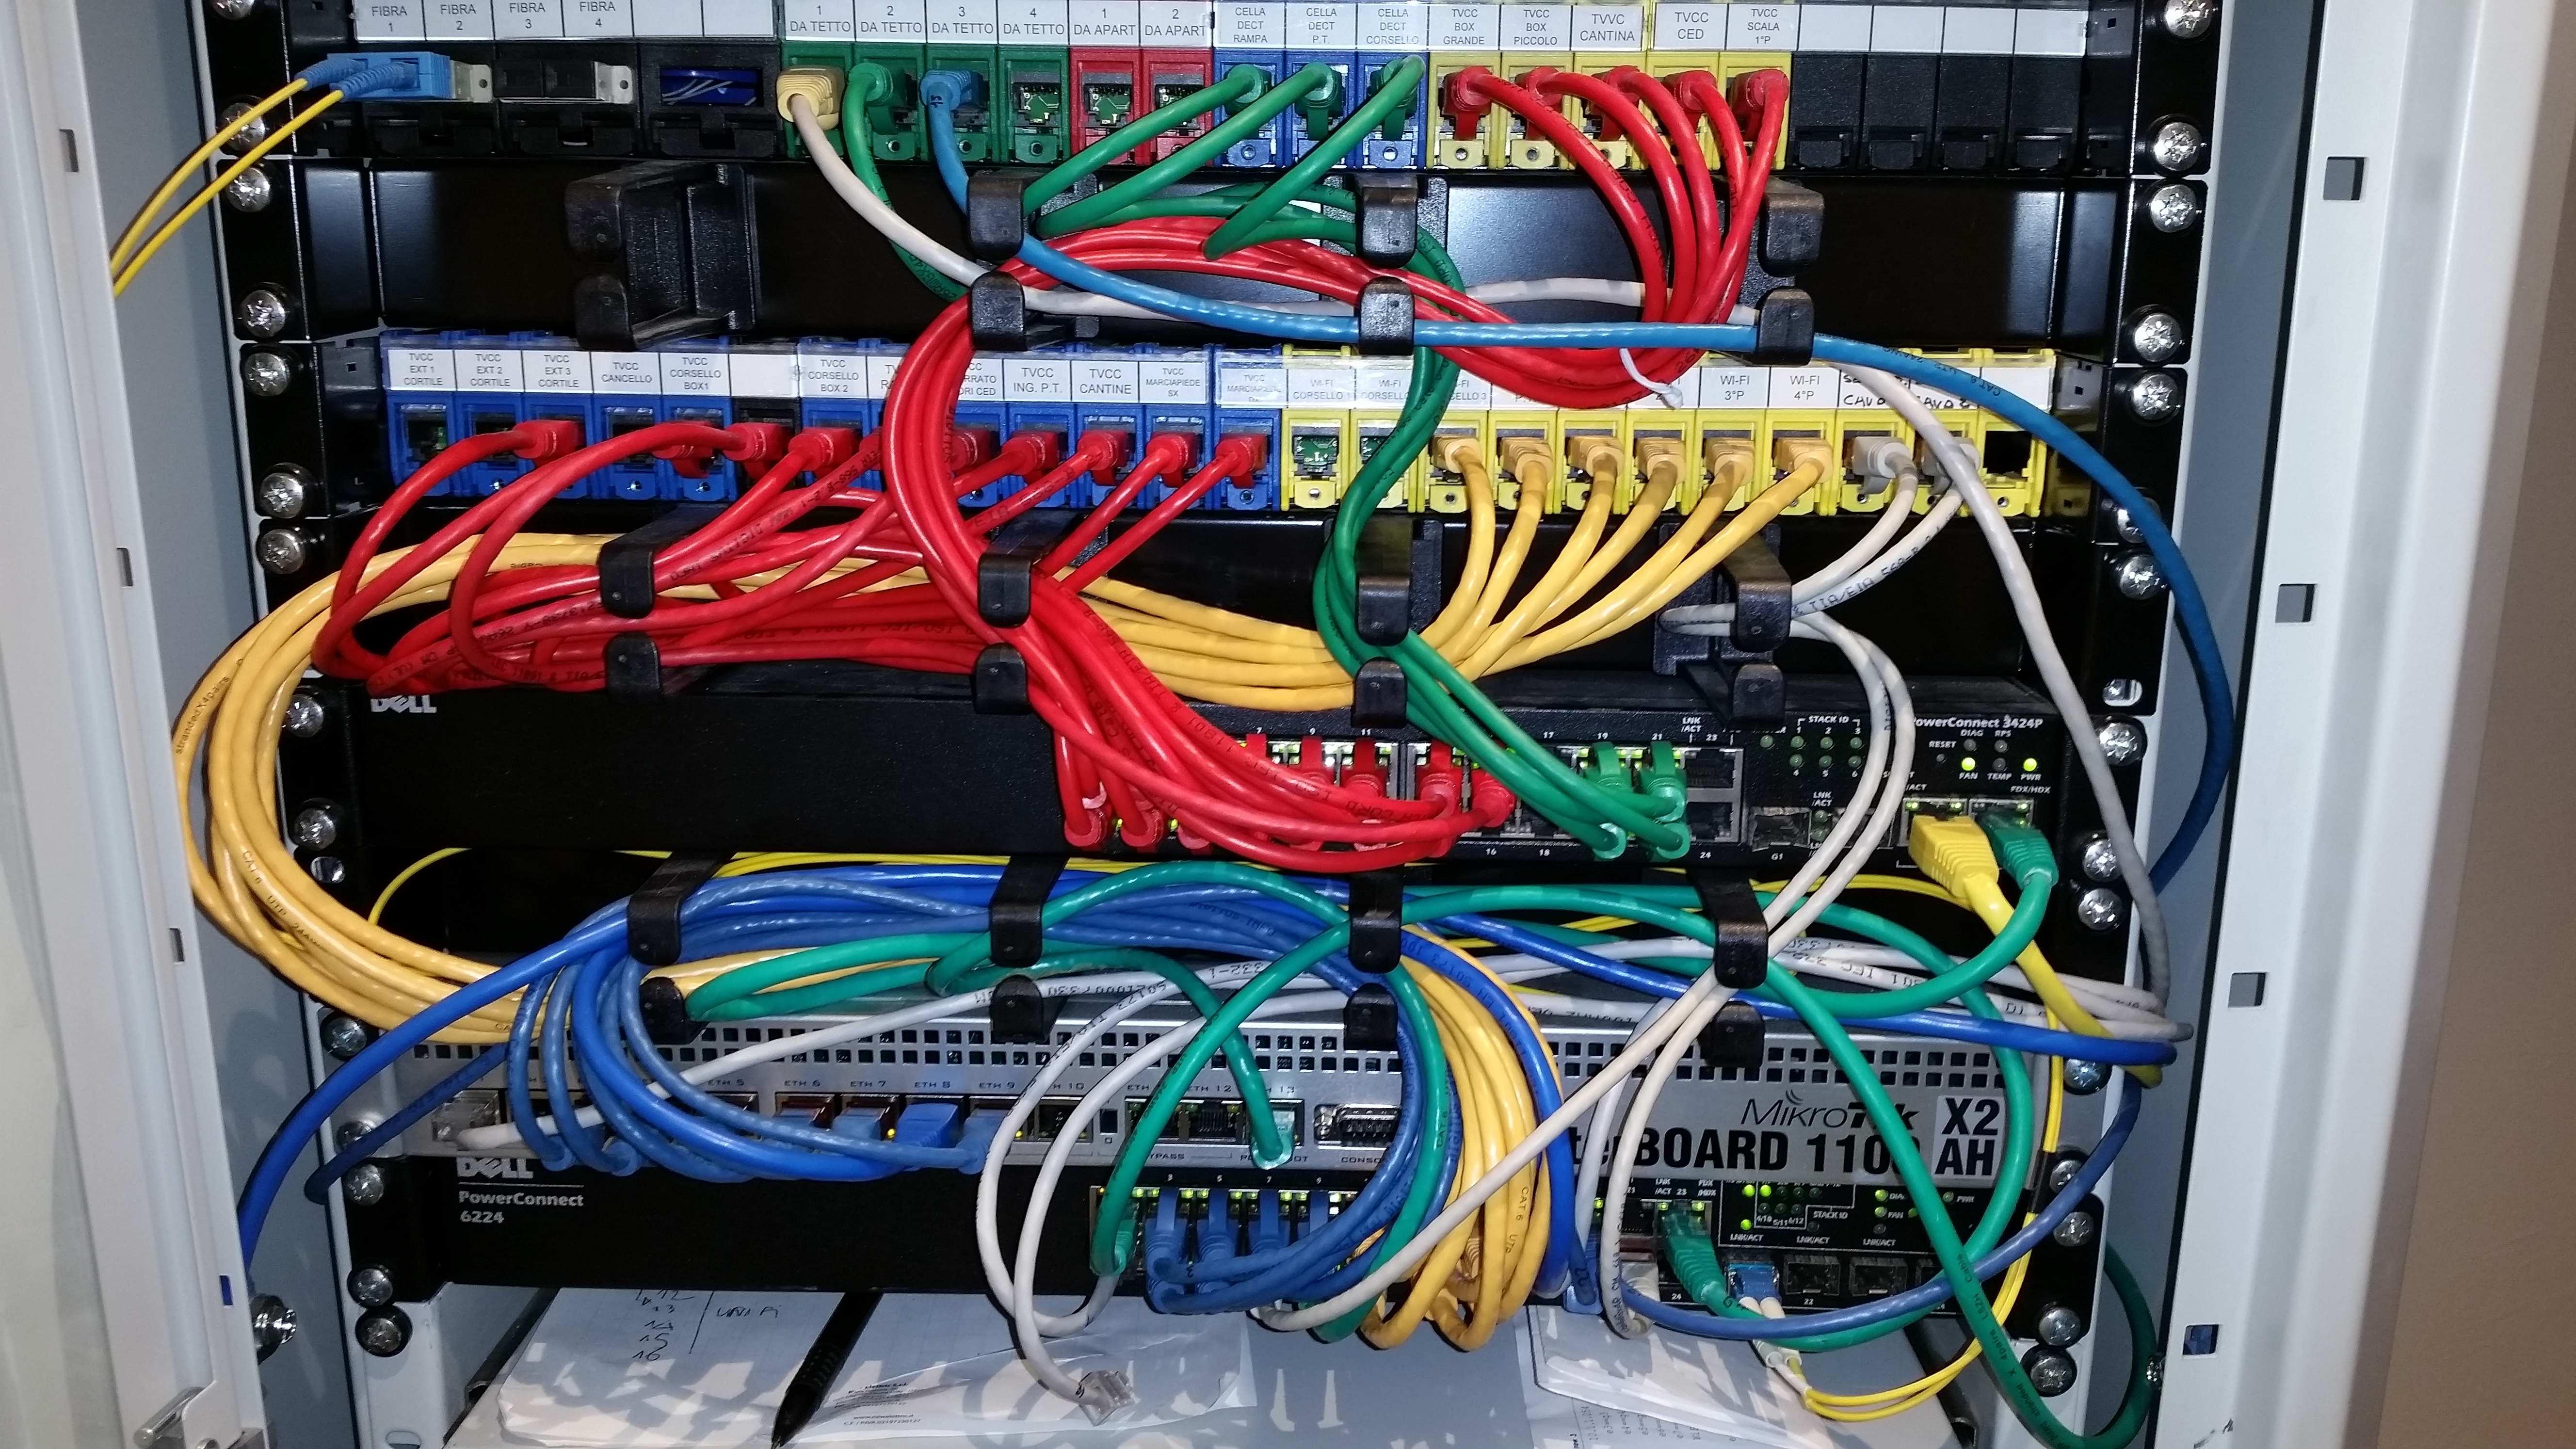 Schema Cablaggio Rete : Cavi quali colori e quali sigle utilizzare elettro